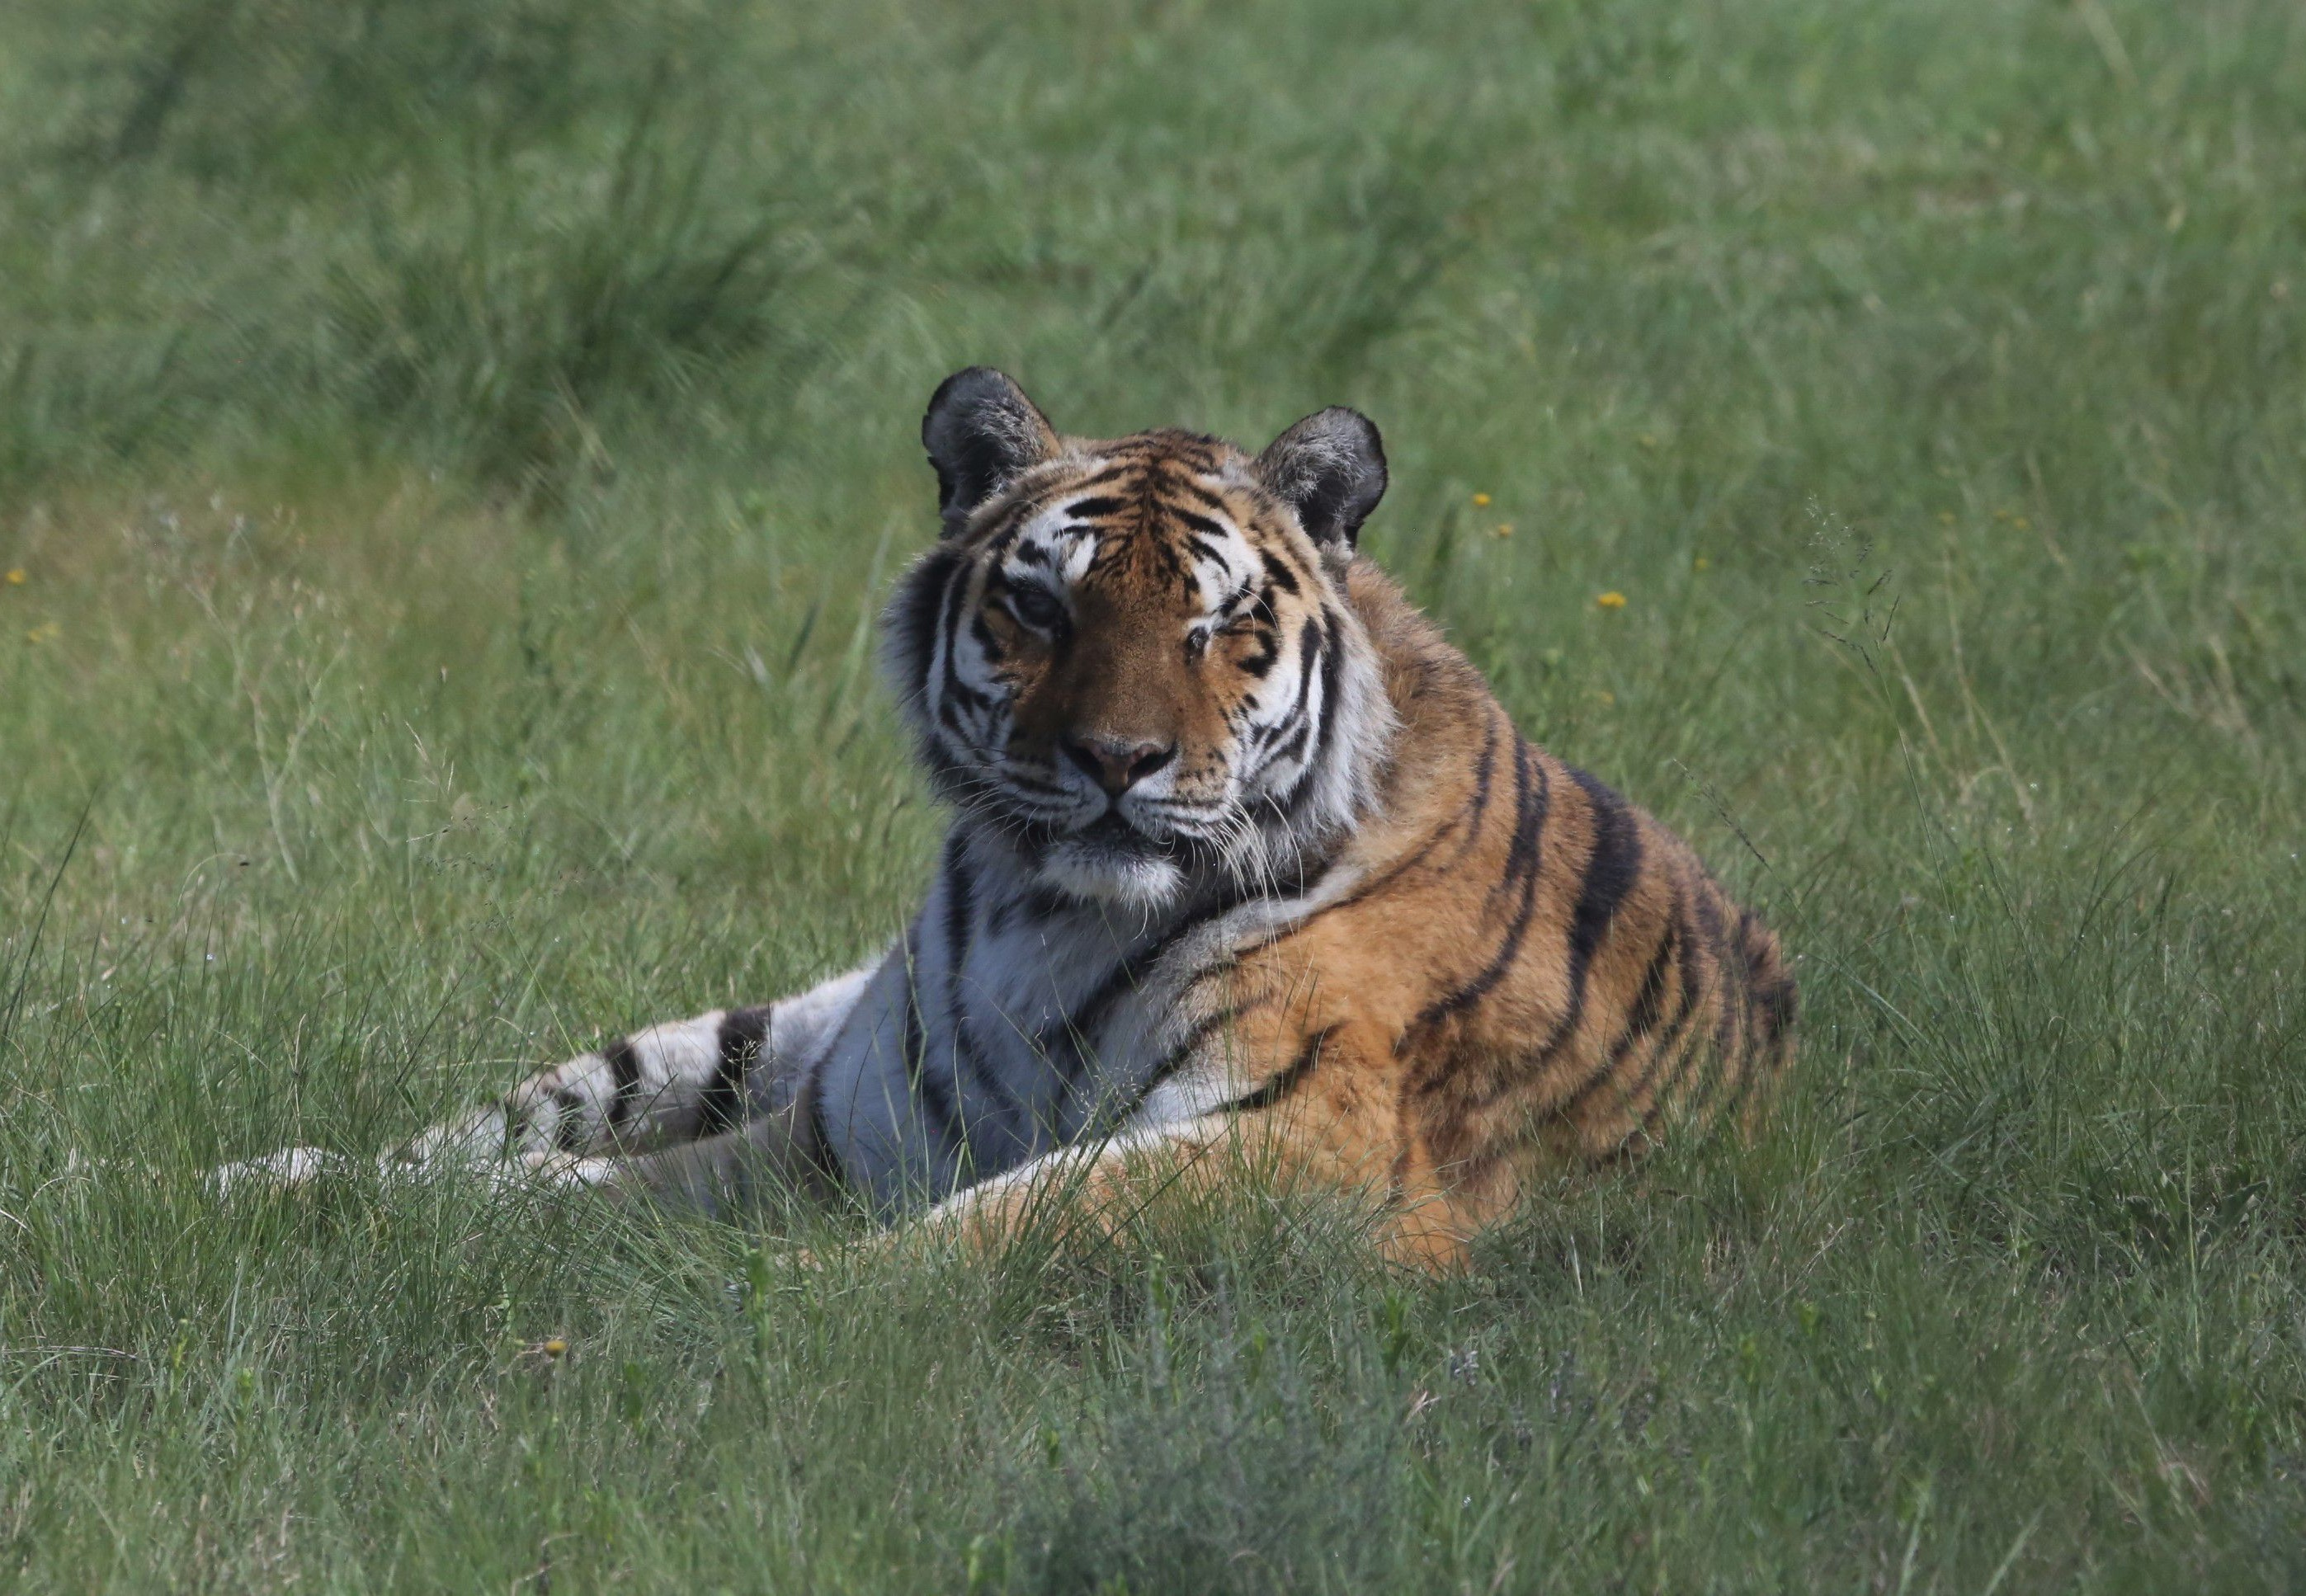 Tigress Juno at LIONSROCK